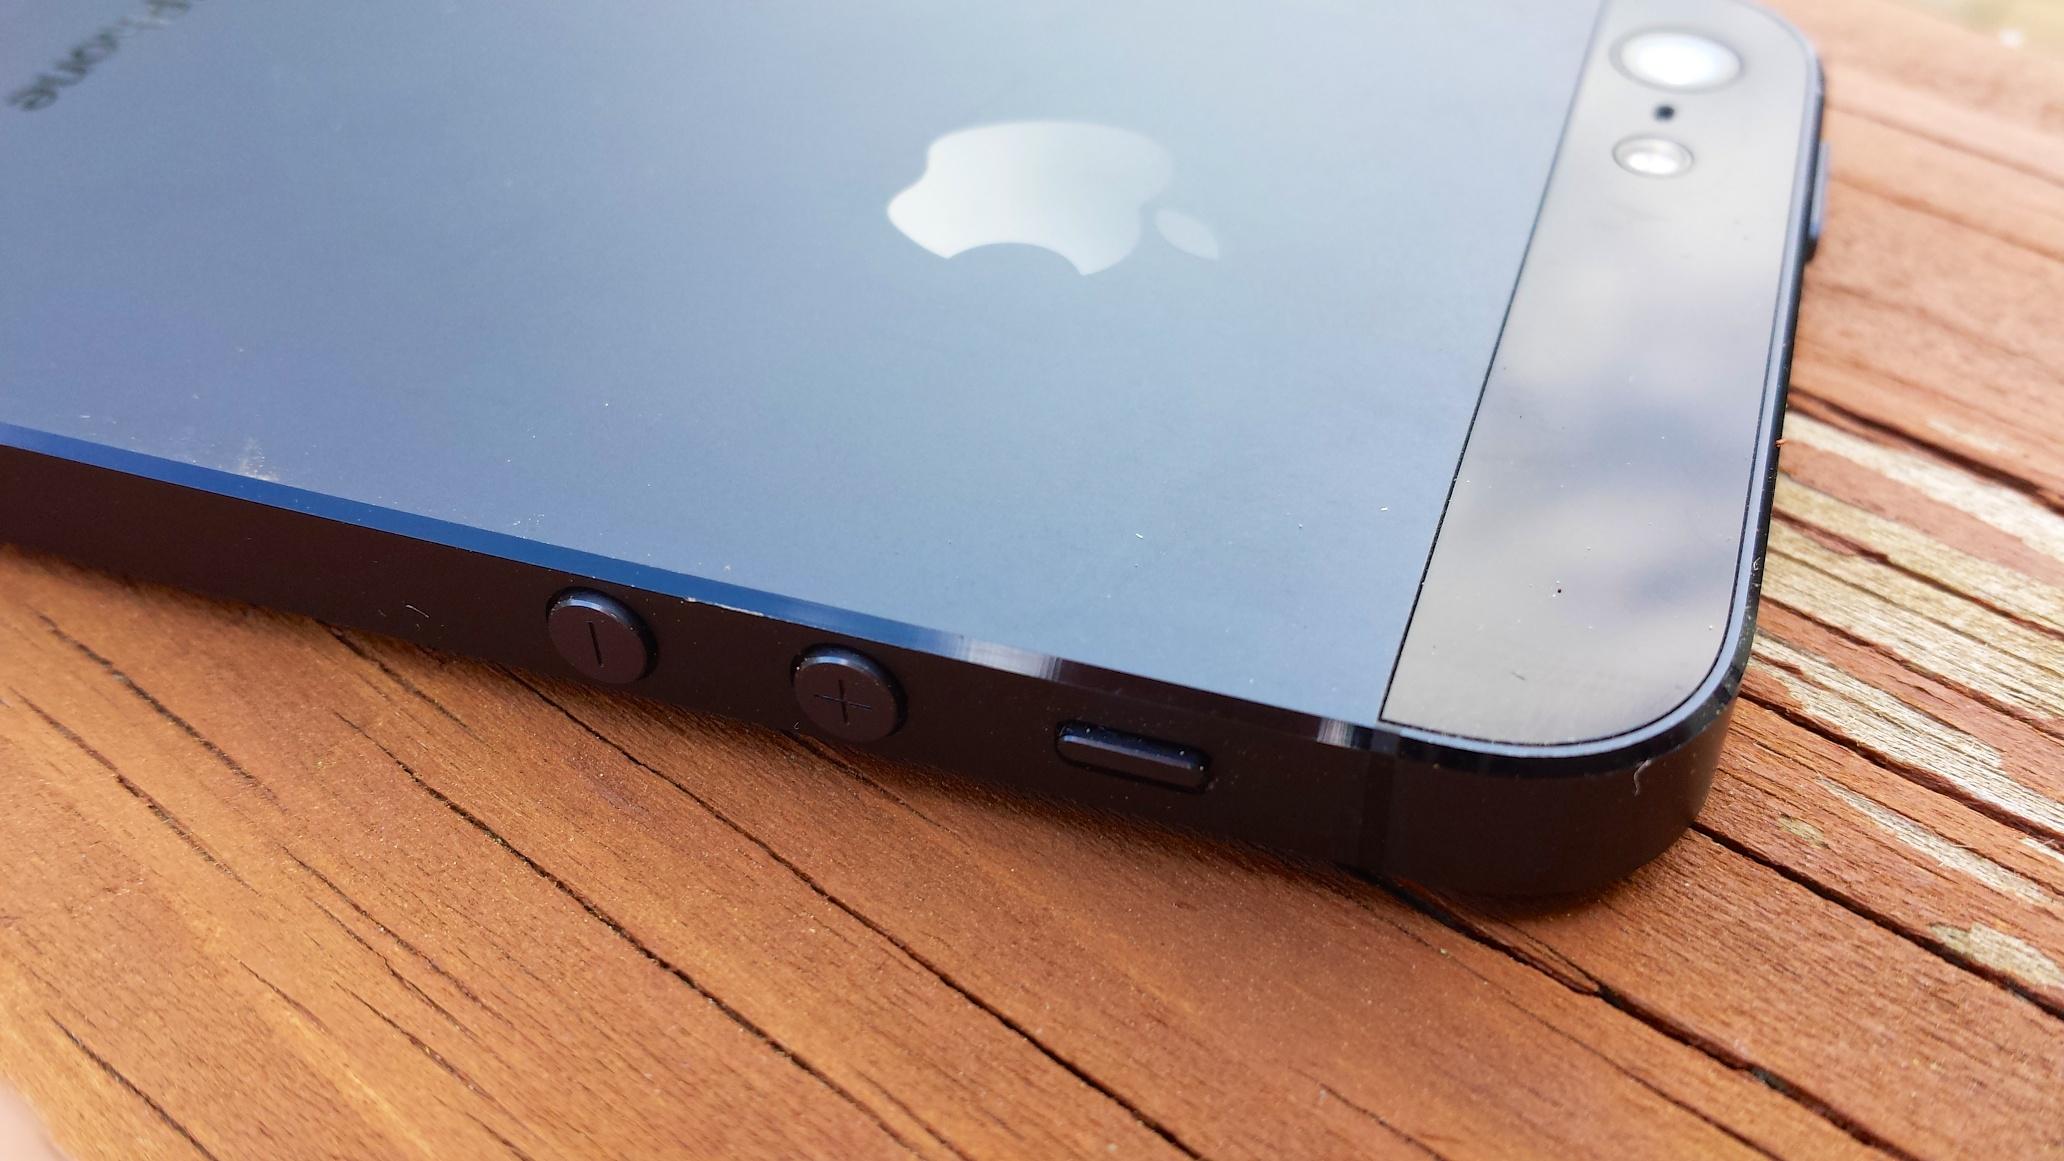 IPhone 5S kommer enligt uppgift att ha samma design.